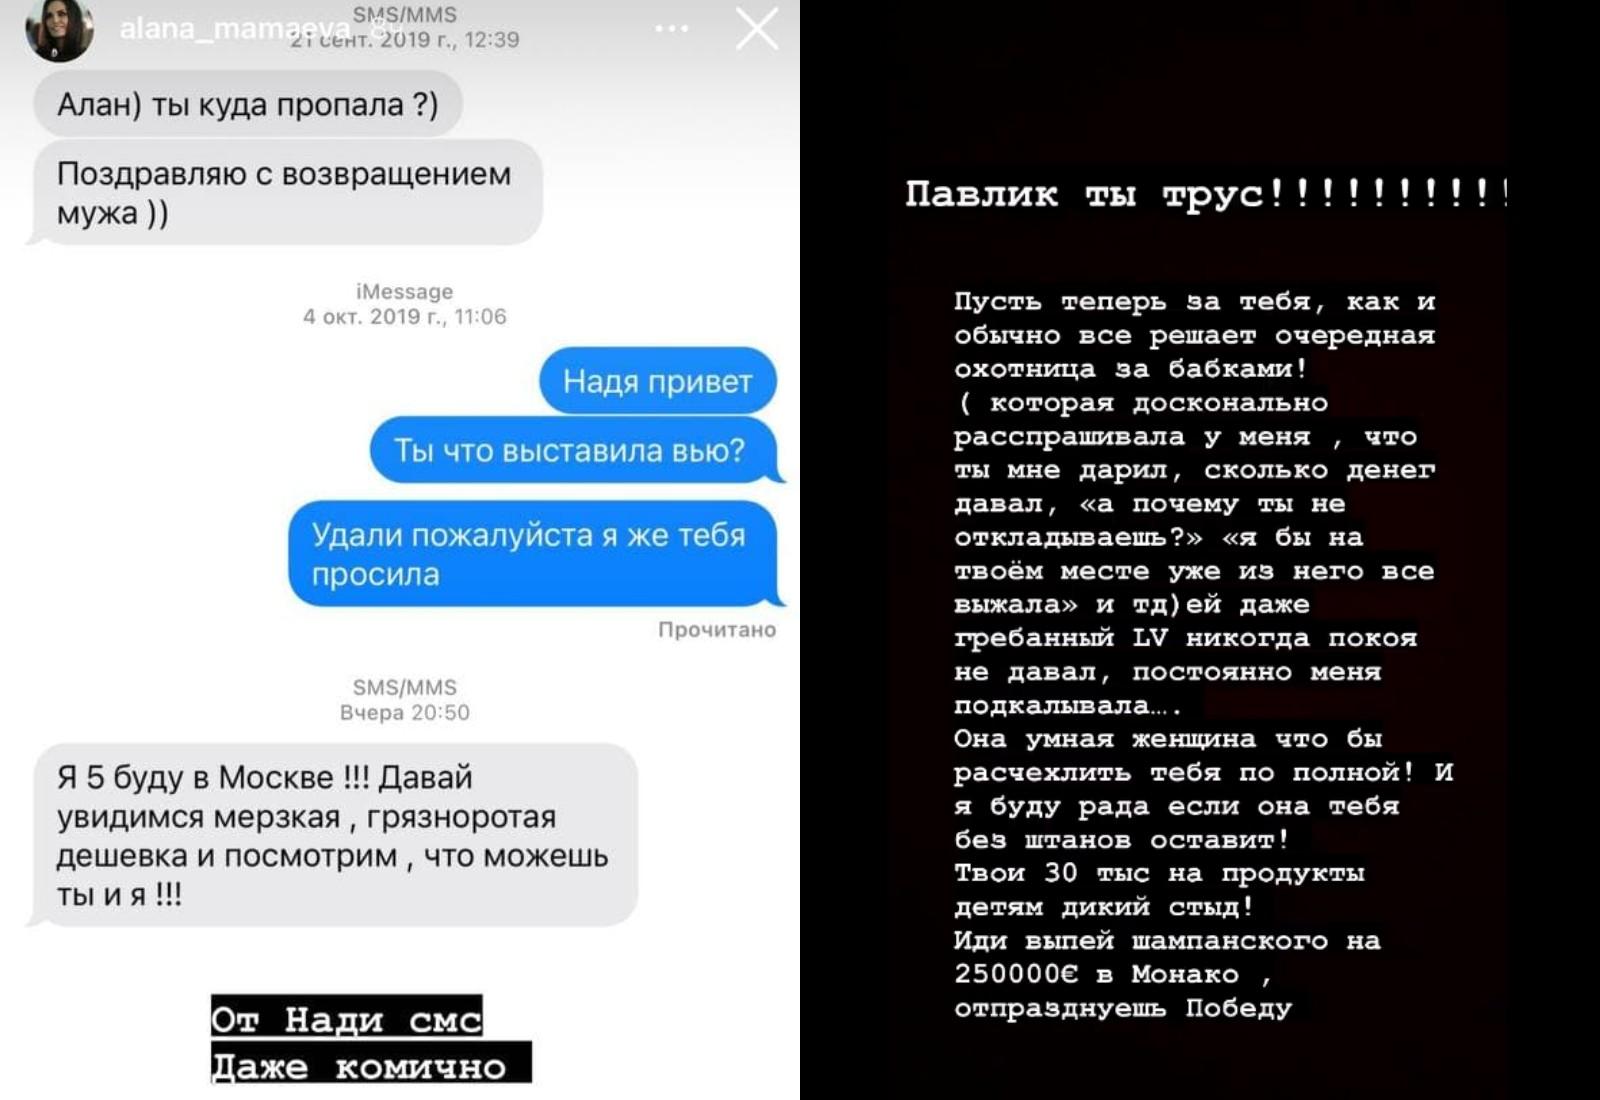 Фото © Instagram / alana_mamaeva